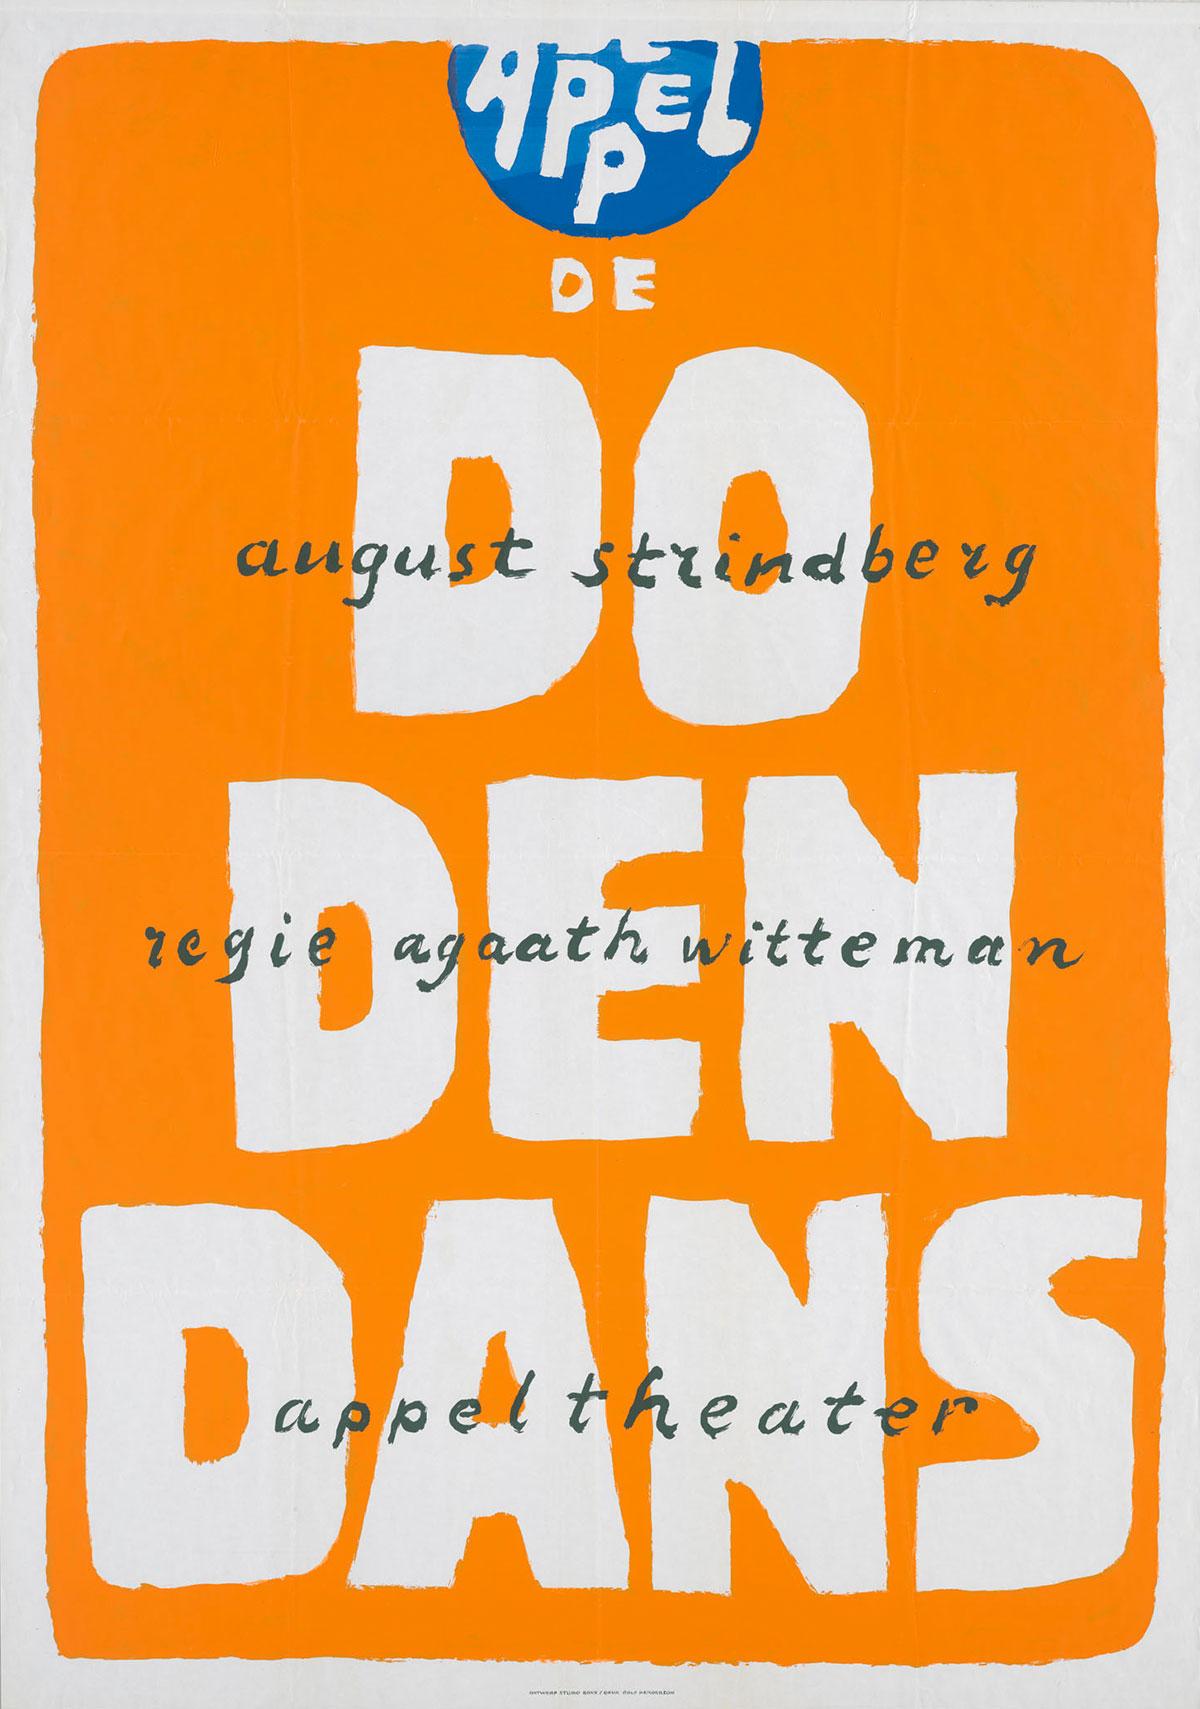 Jan-Bons-affiche-De-appel-De-dodendans-1988